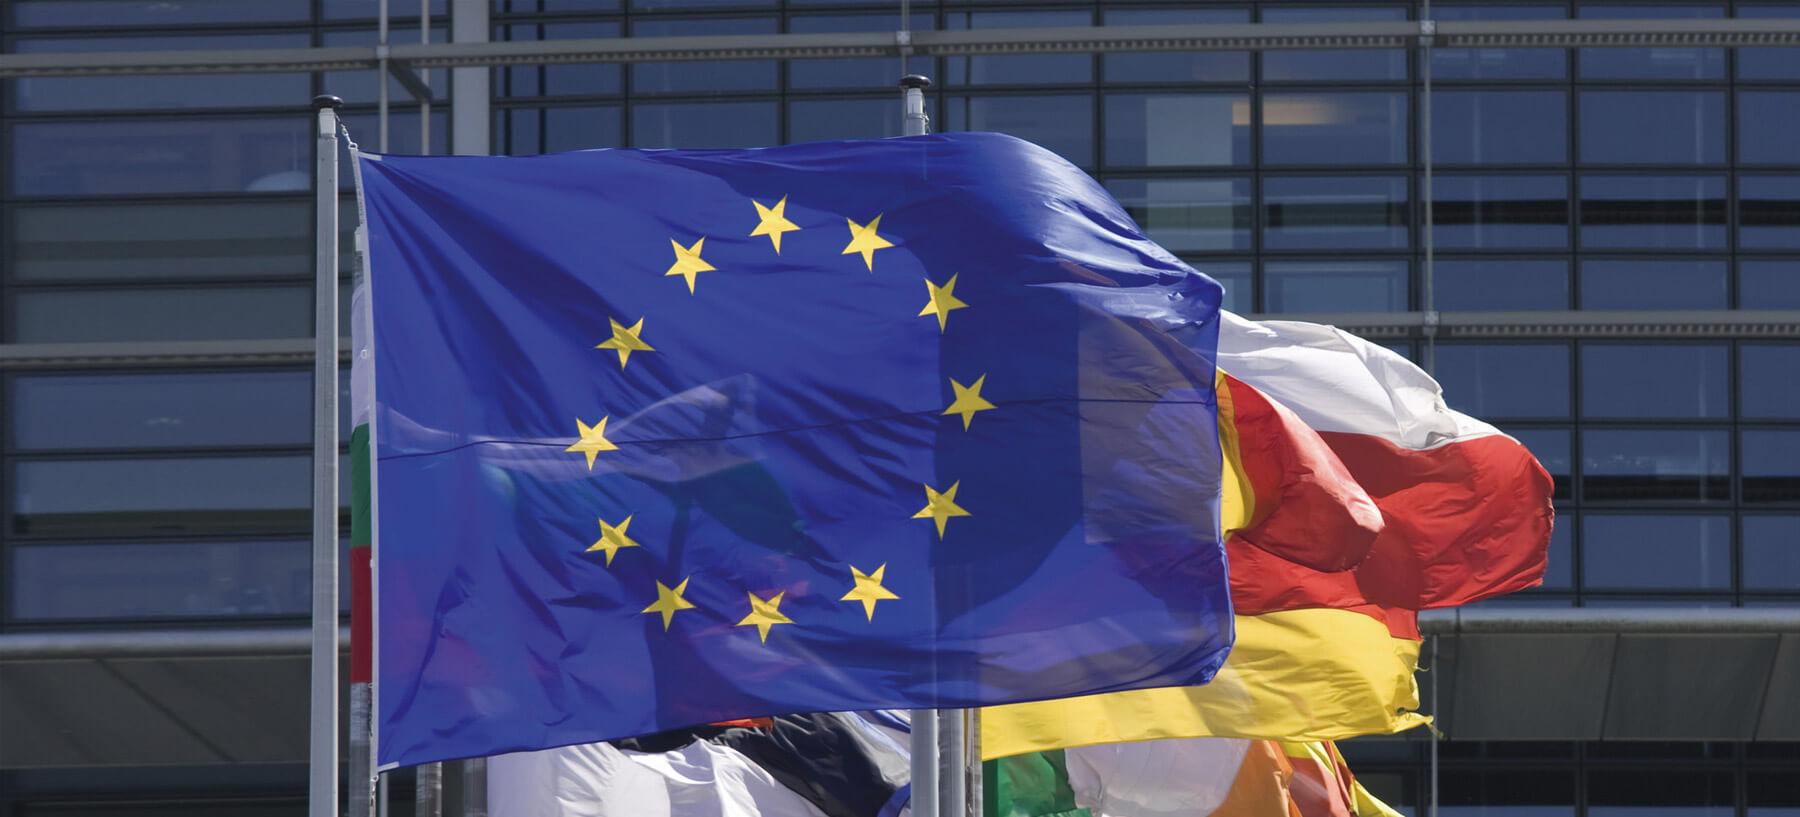 Mercosul E União Europeia Fecham Acordo De Livre Comércio Após 20 Anos